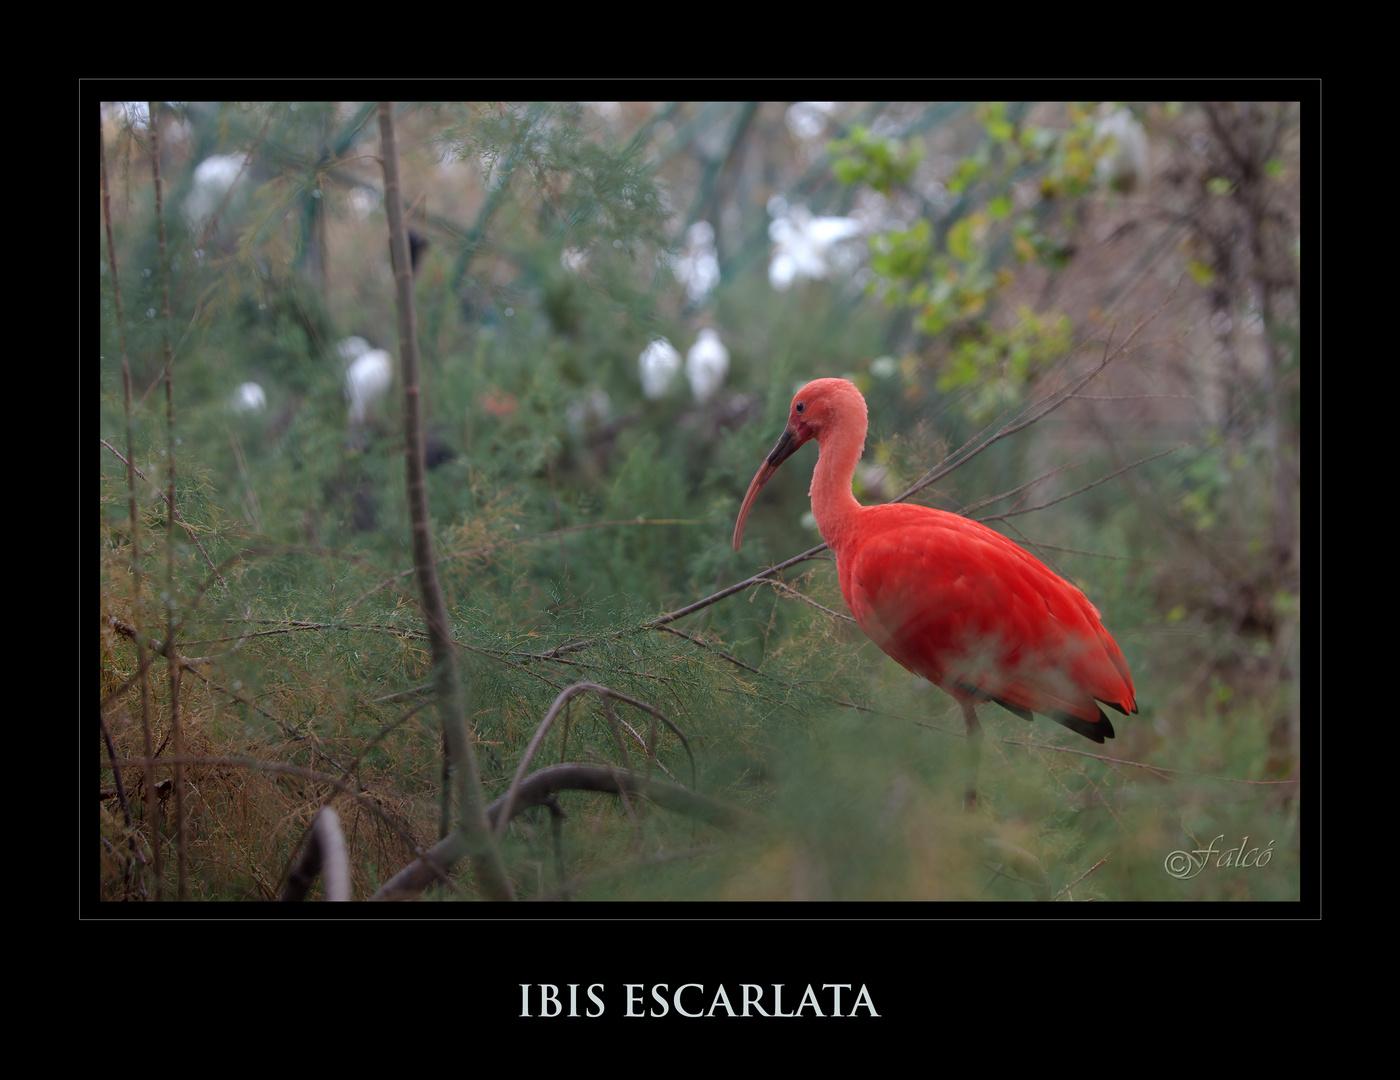 Safári fotográfico Zoo de BCN - I